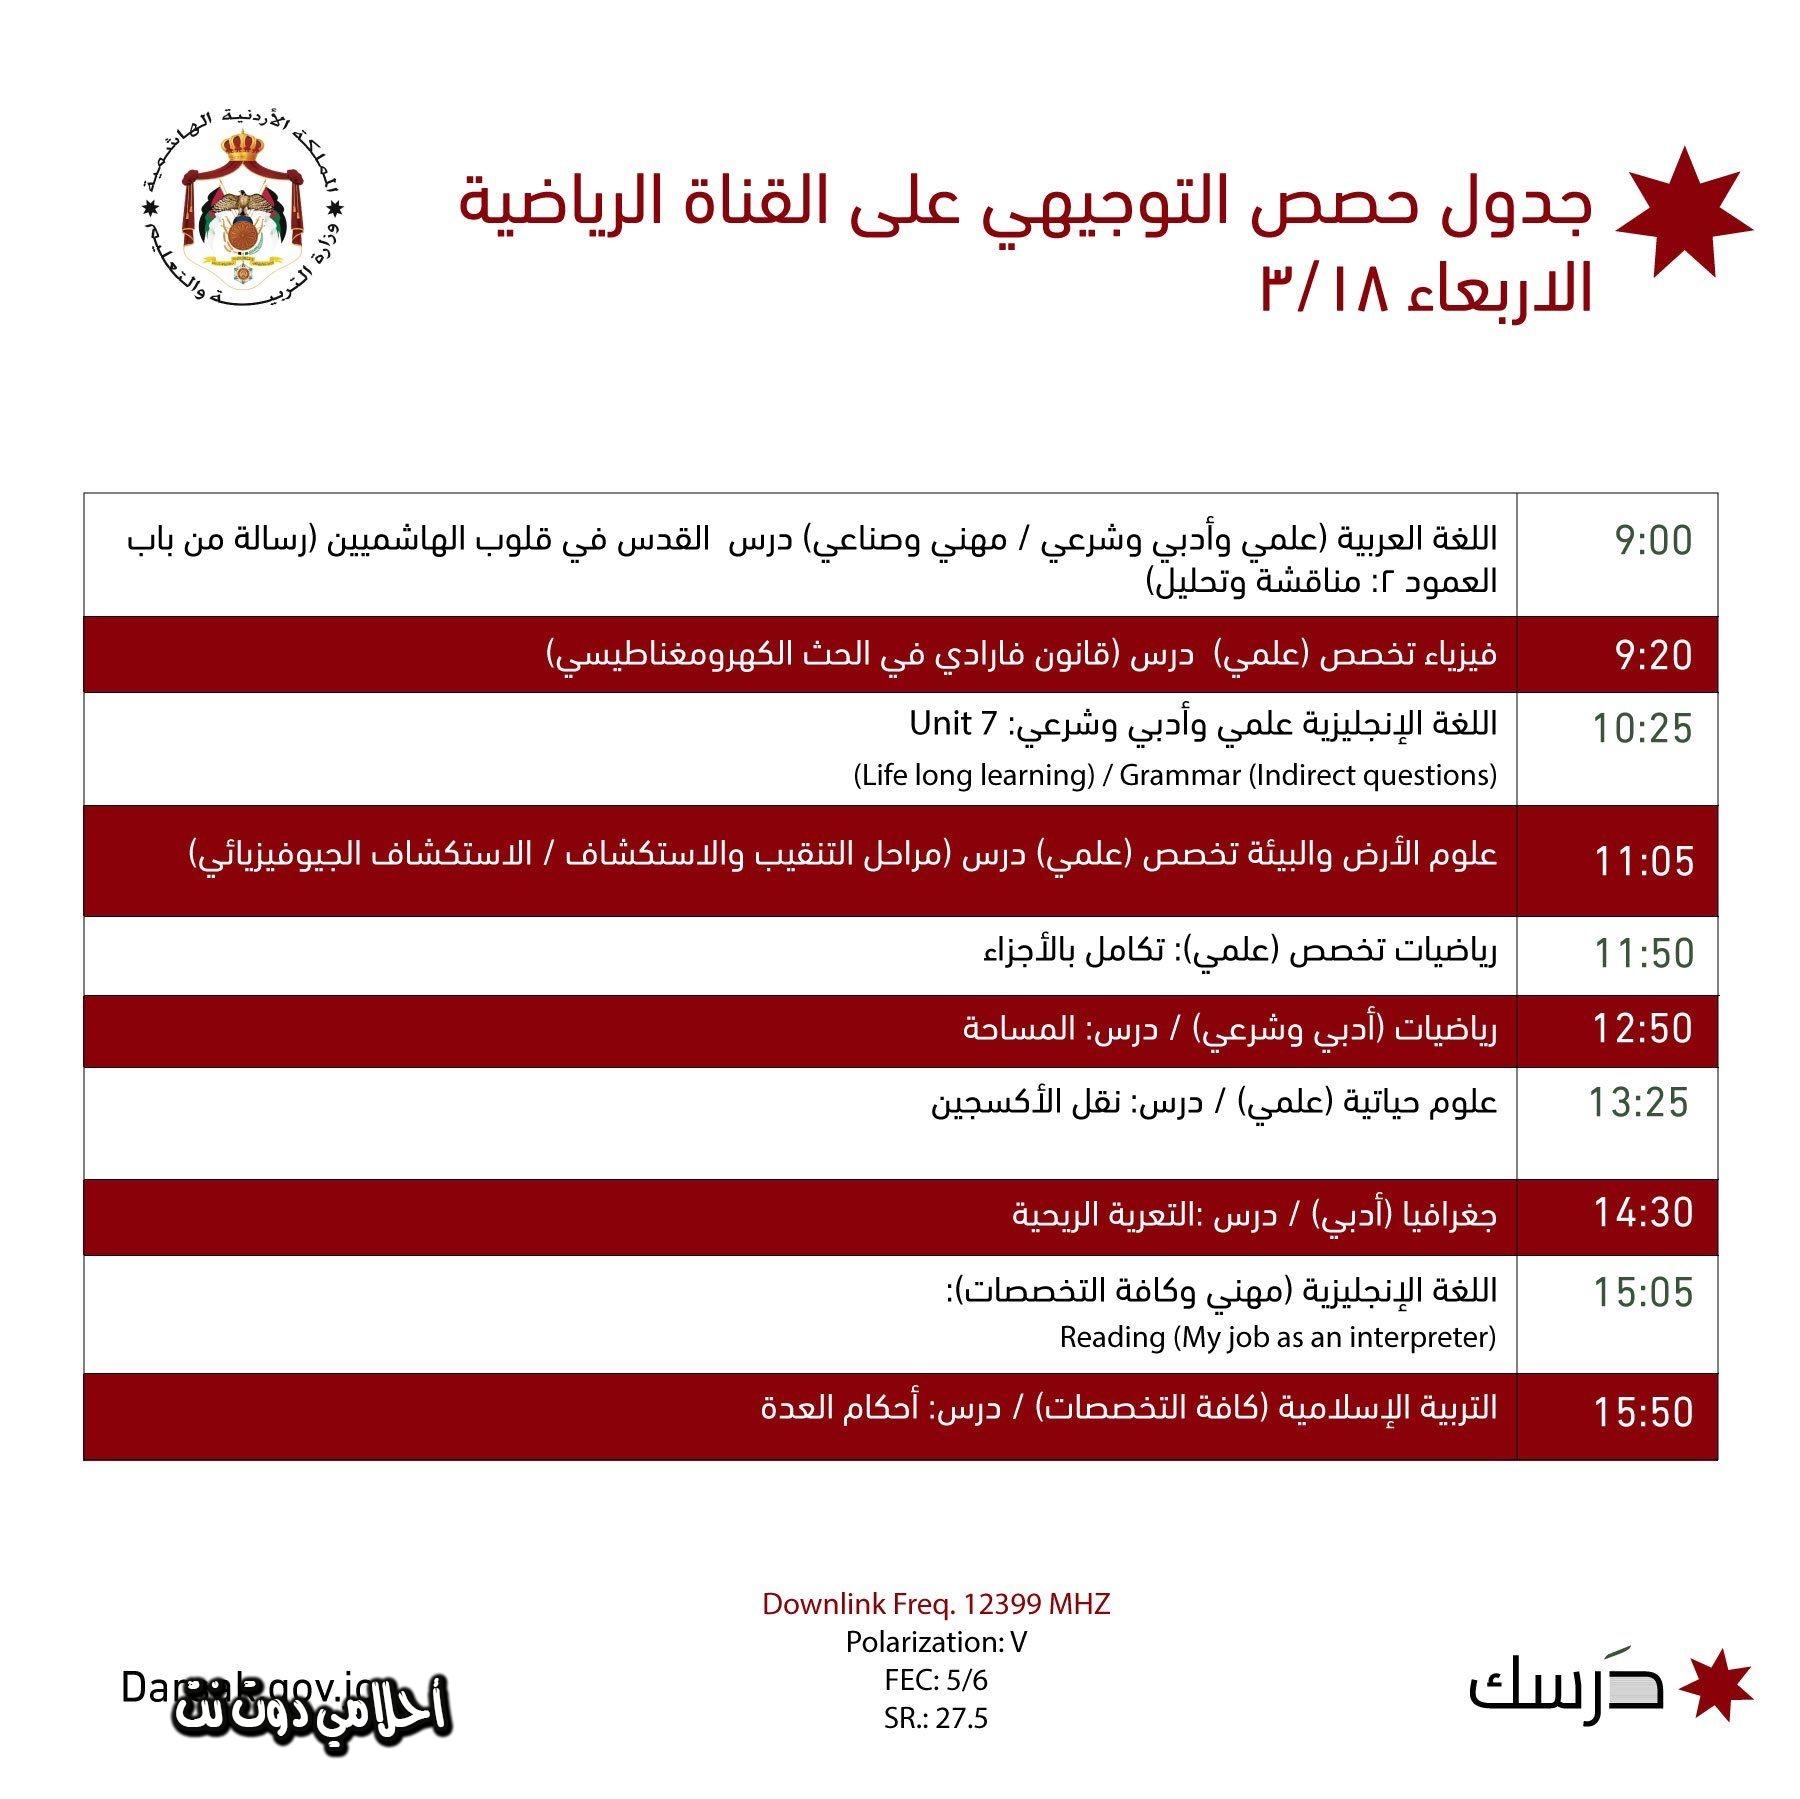 جدول حصص صف الثاني ثانوي ( التوجيهي ) على قناة الأردن الرياضية 18/3/2020 ليوم الاربعاء